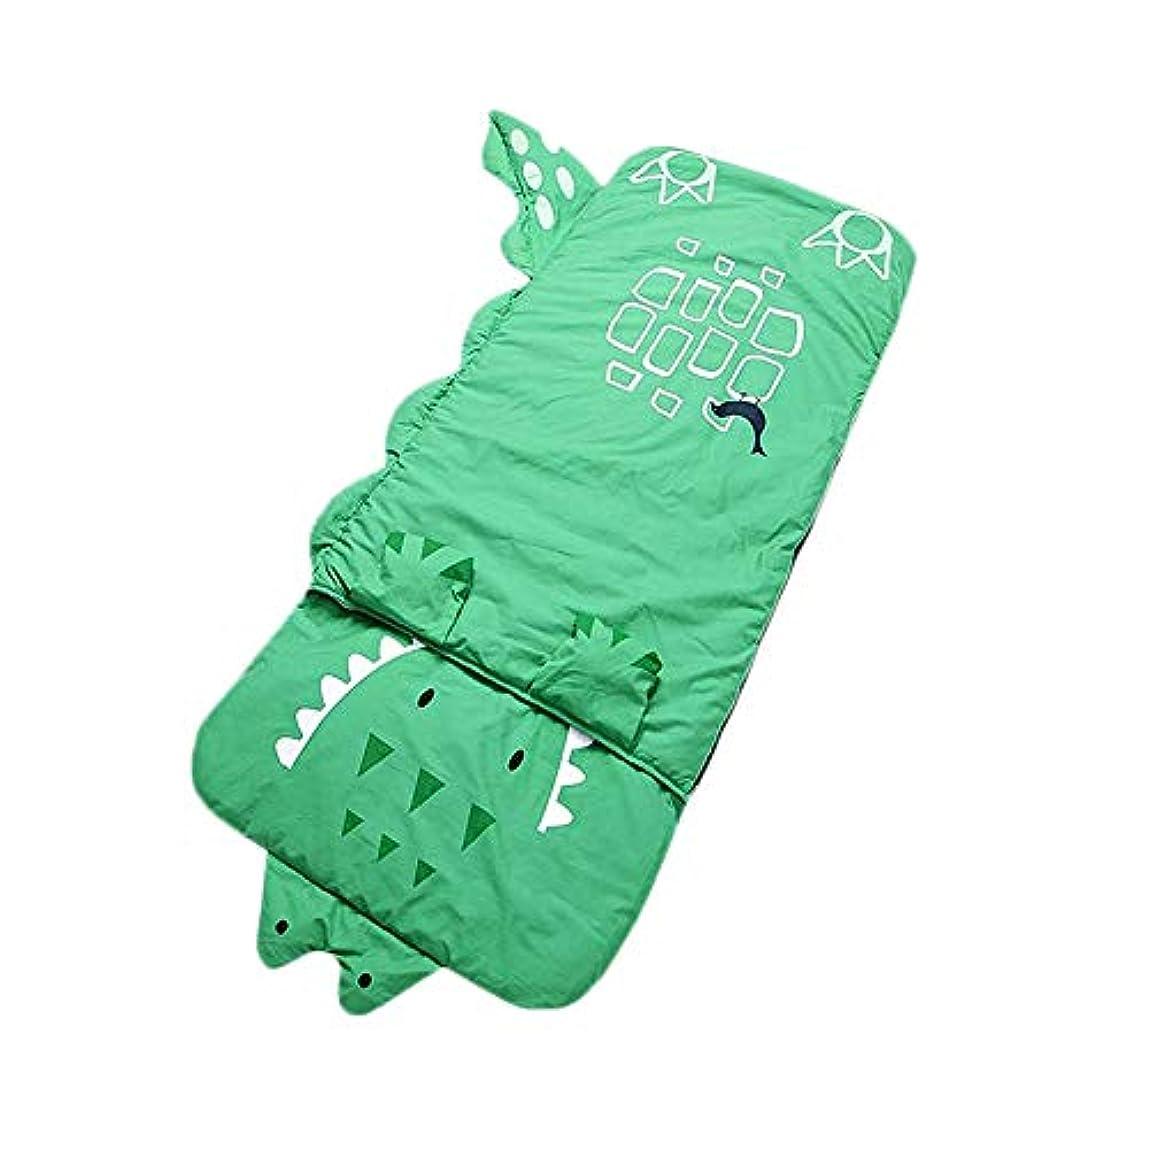 小間アイザックヒューズRaiFu 寝袋 子供 暖かい 厚 漫画 クロコダイルデザインの寝袋